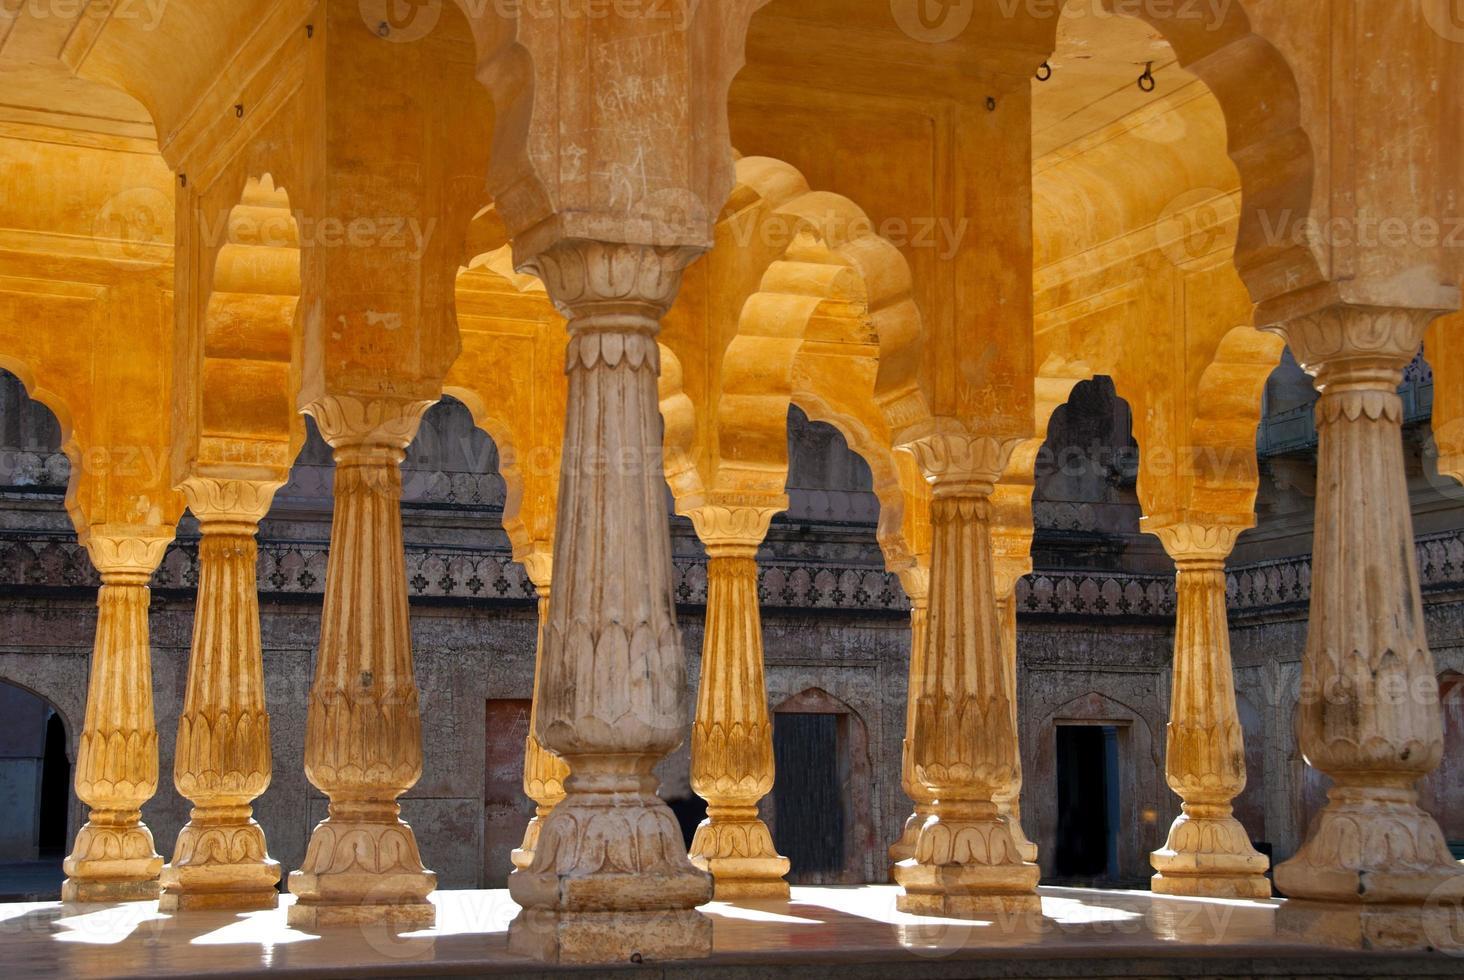 Säulen und Bögen in Amber Fort Jaipur, Indien foto